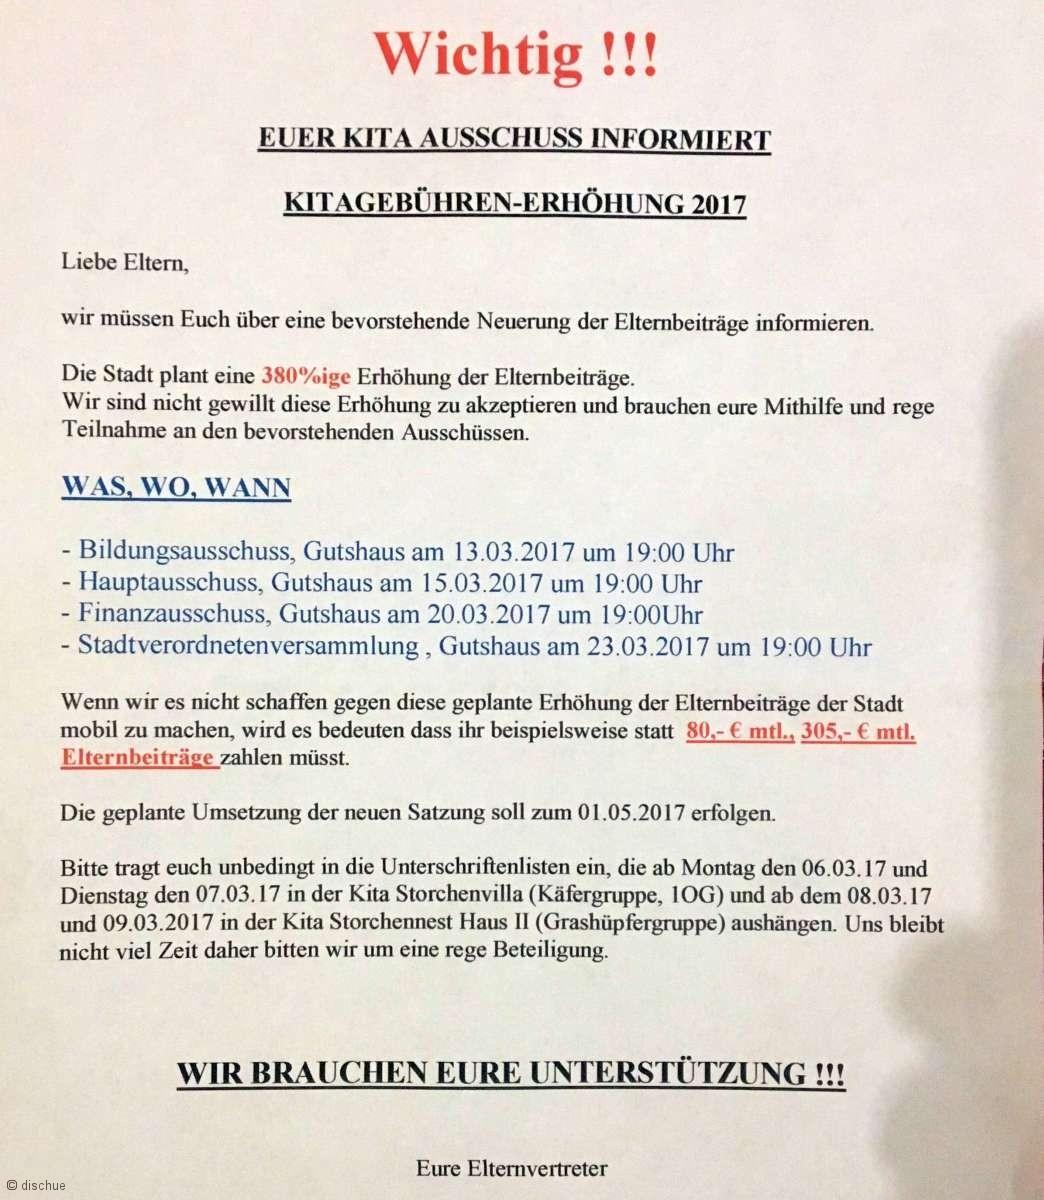 Erhoeht Altlandsberg 2017 die Kita-Gebuehren